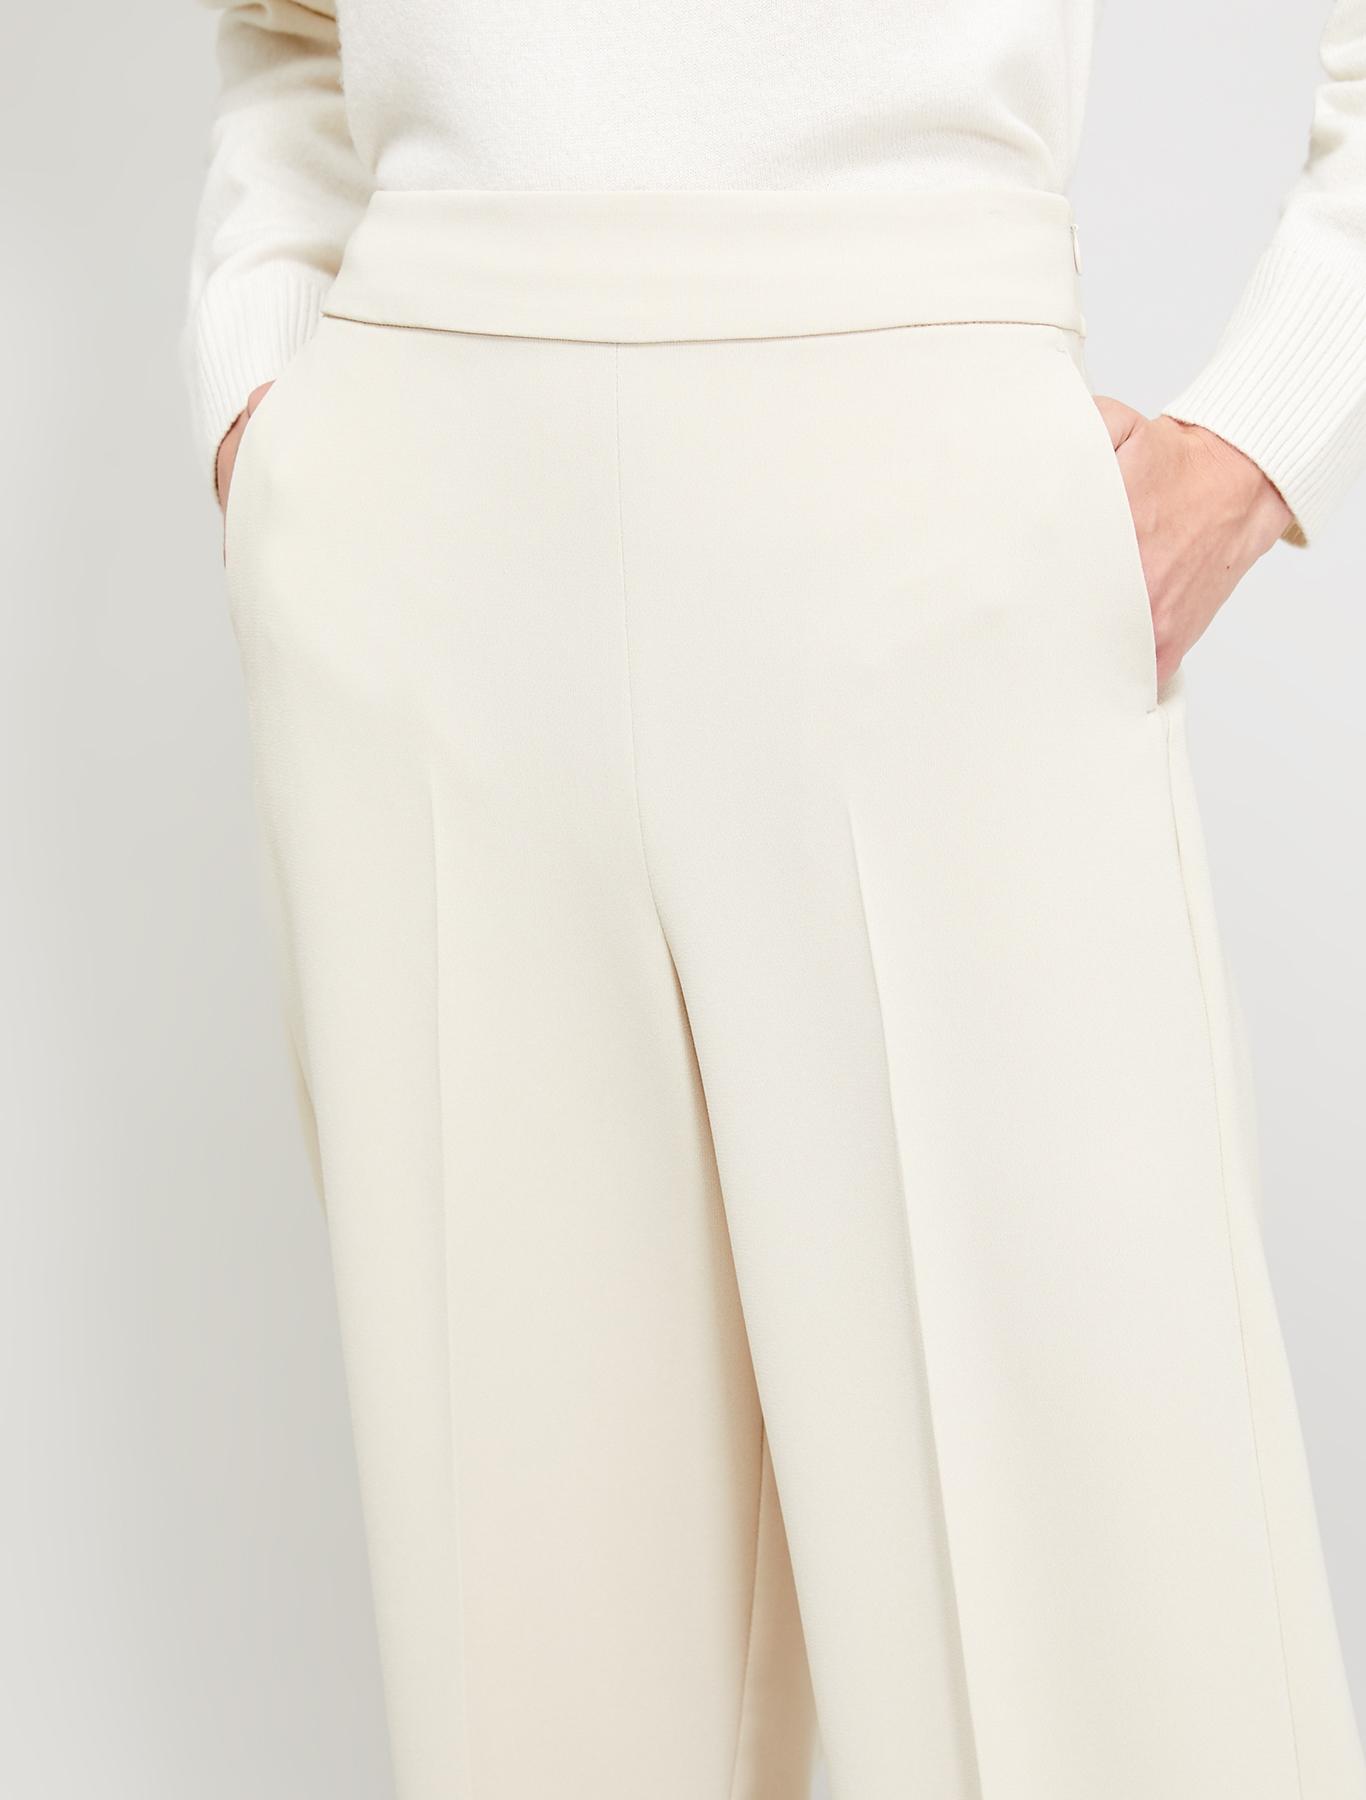 Flowing fabric wide-leg trousers - beige - pennyblack